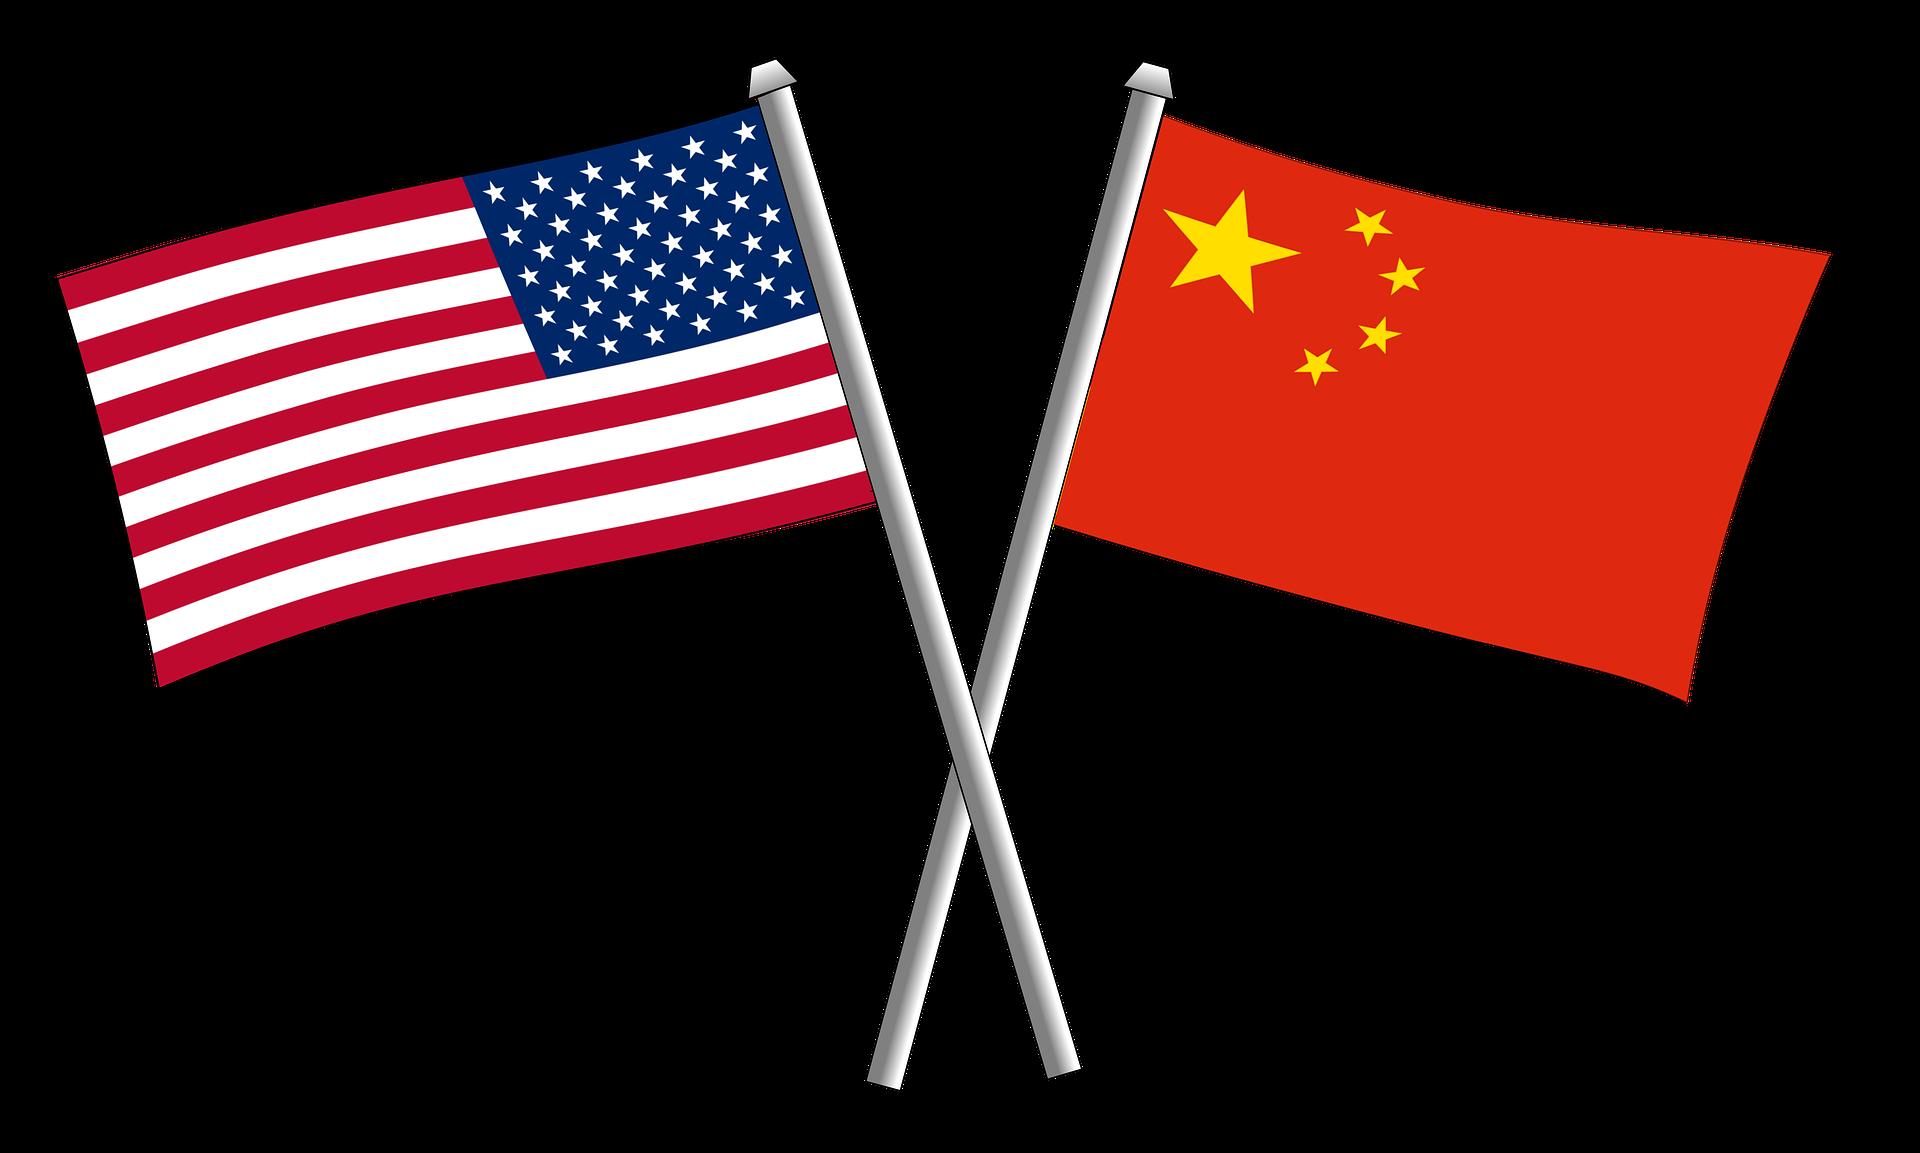 熱門時事》美中貿易戰下,中國11月製造業PMI下滑至50%臨界點